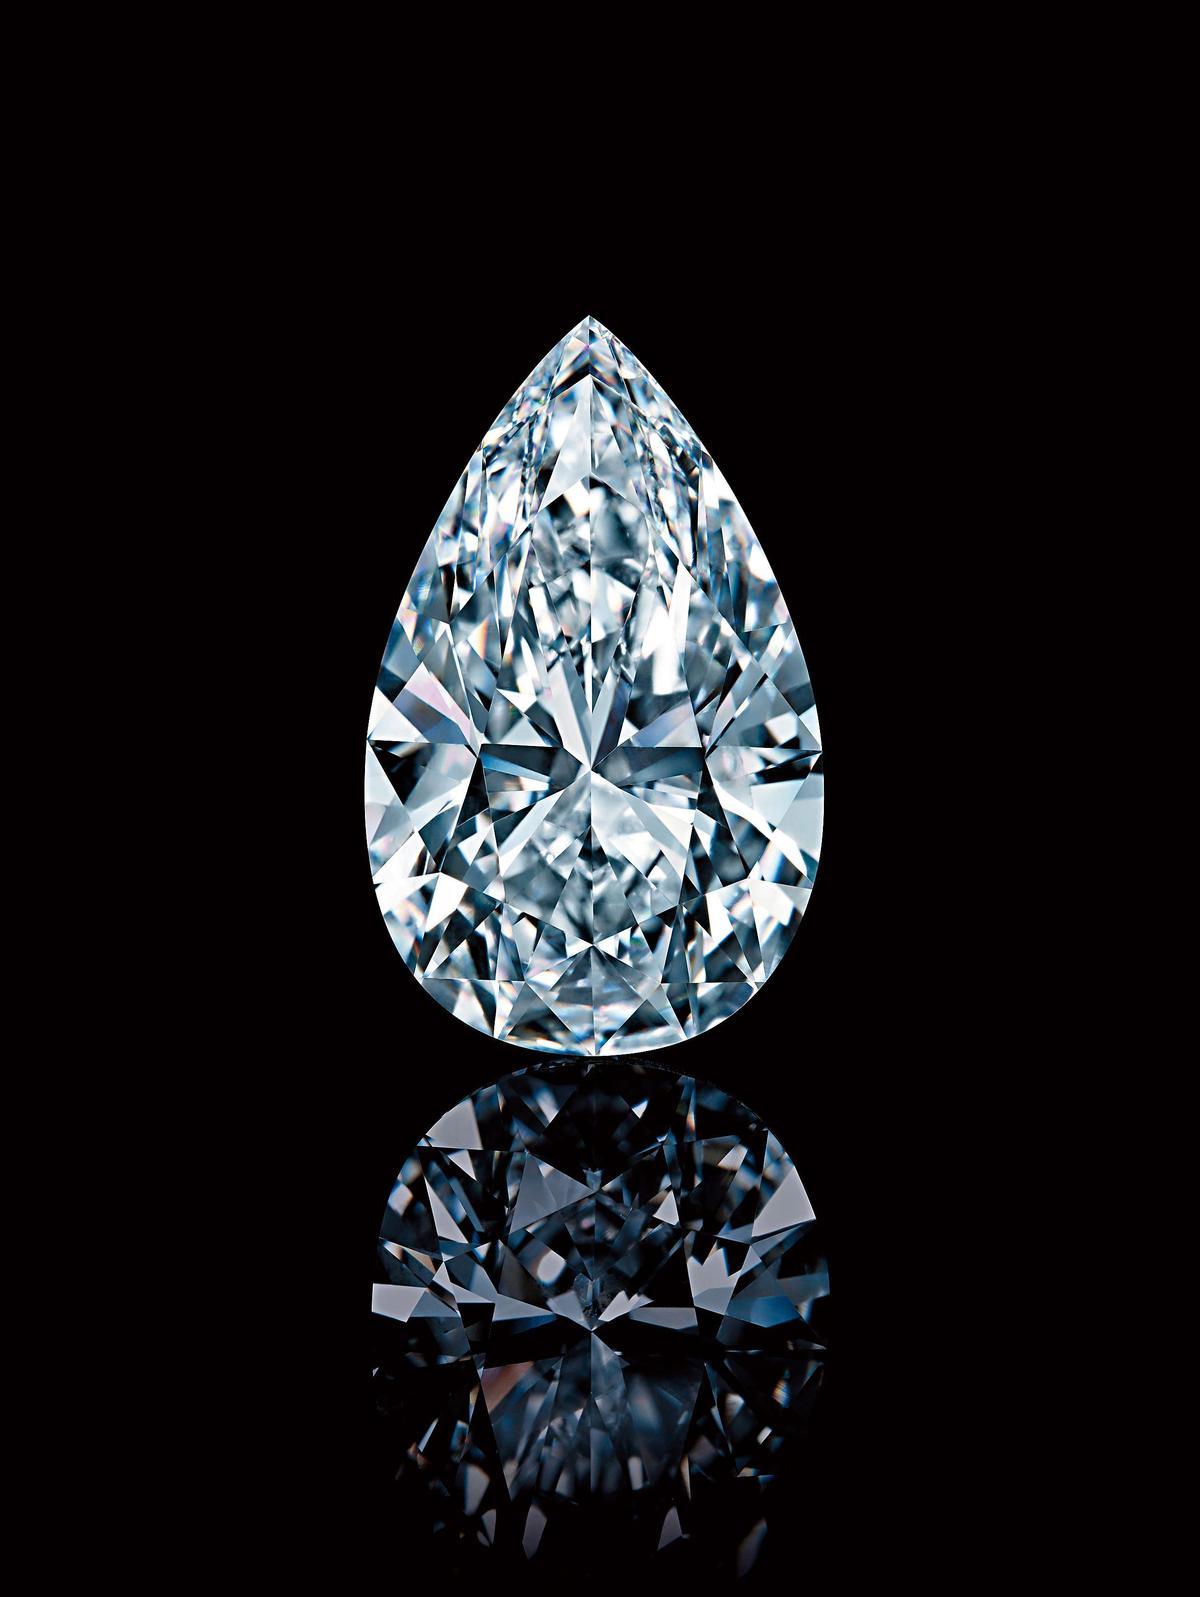 溫斯頓傳奇之鑽(Winston Legacy)重達101.73克拉、成色D淨度,被佳士得拍賣譽為「迄今為止公開拍賣的鑽石中最完美的一顆」。